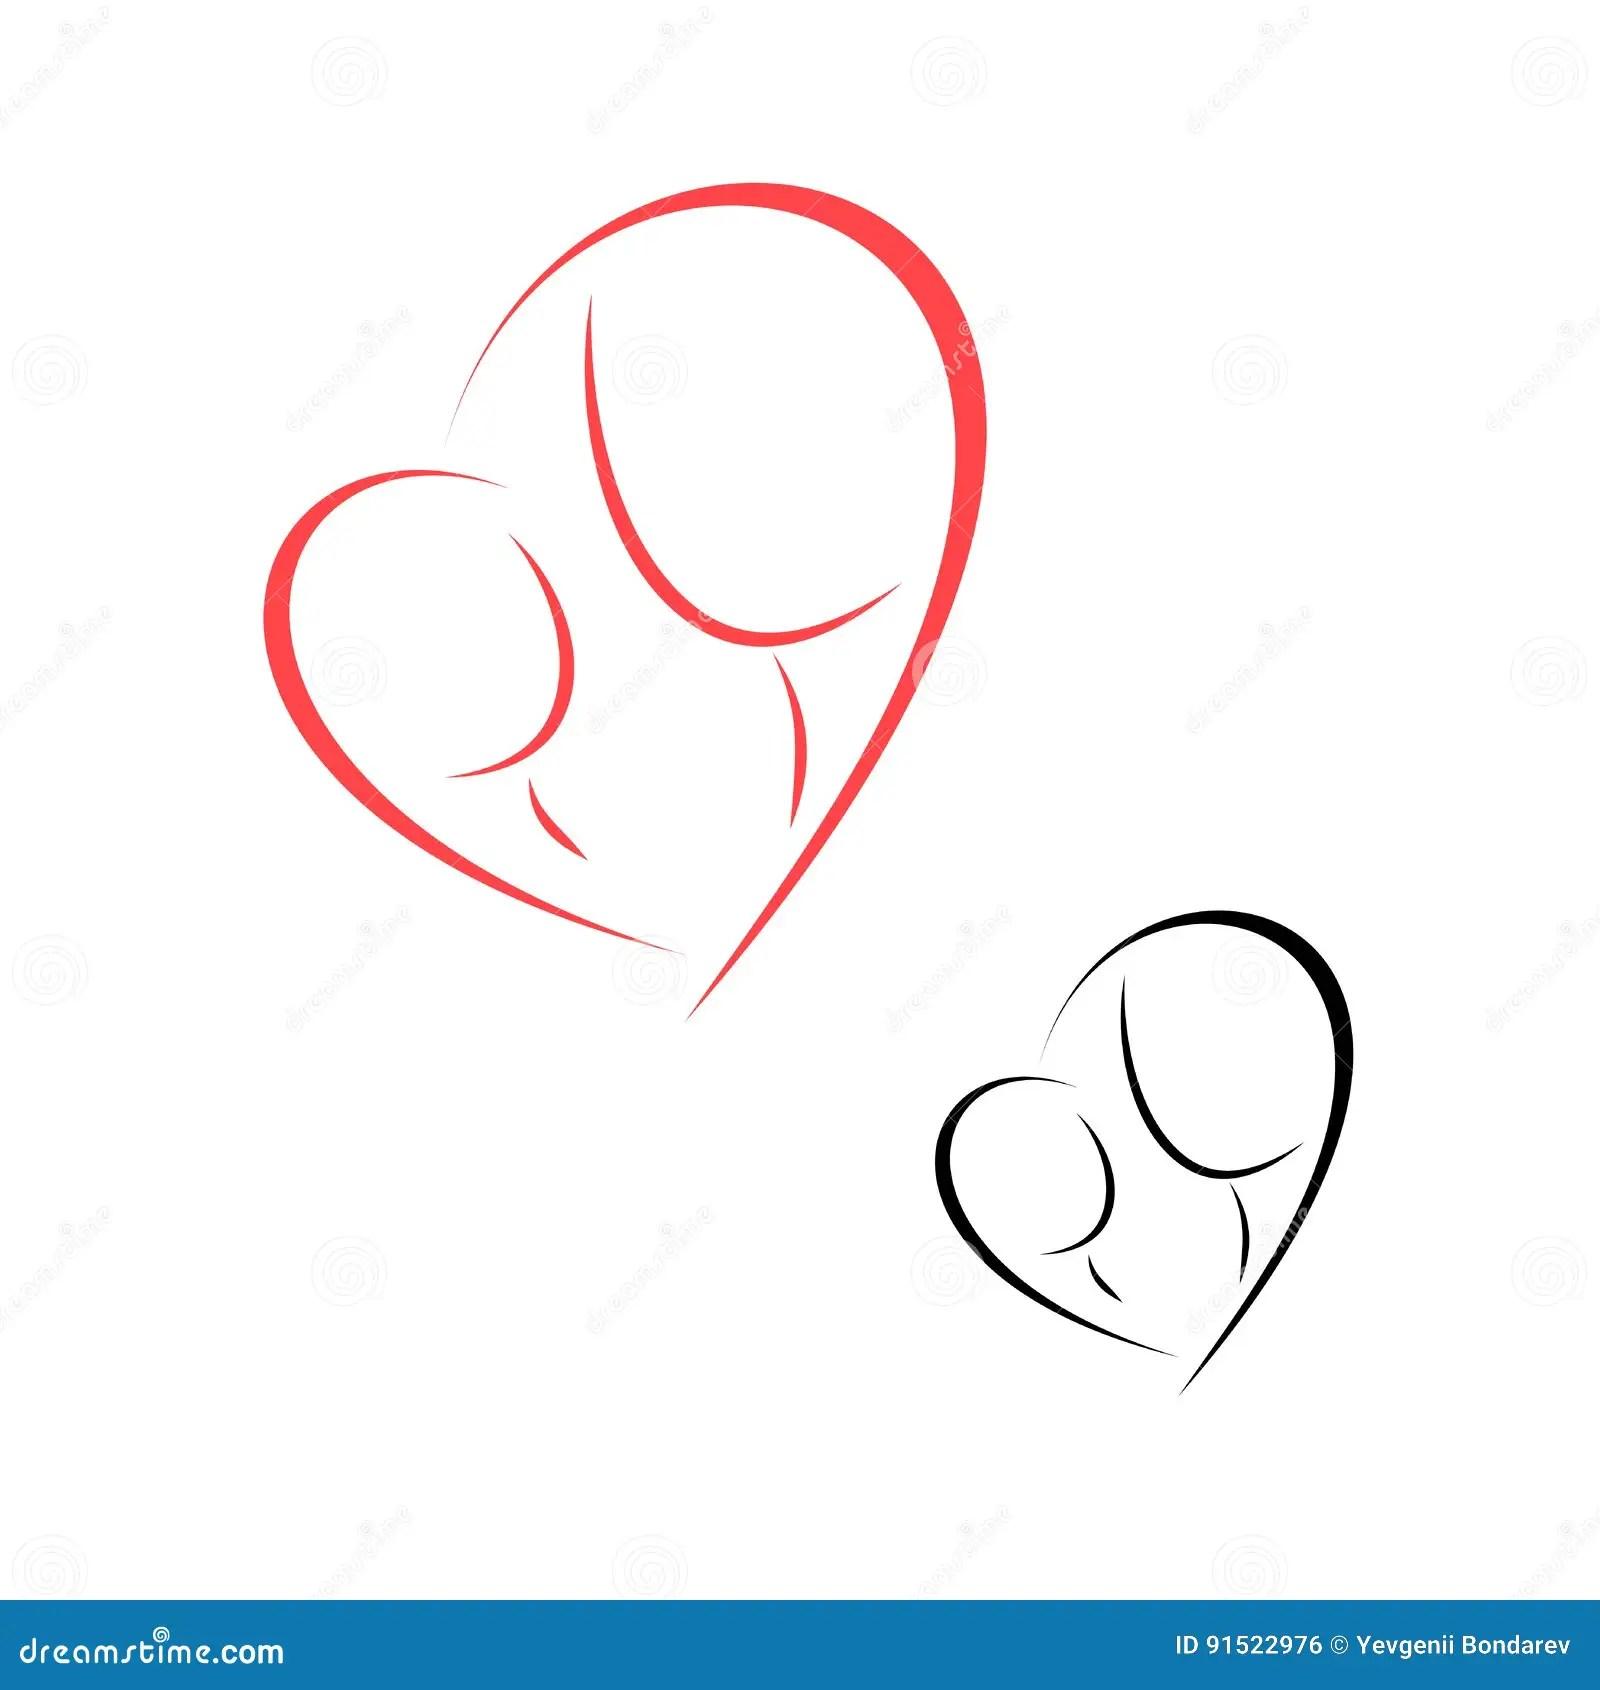 Breastfeeding Cartoons Illustrations Amp Vector Stock